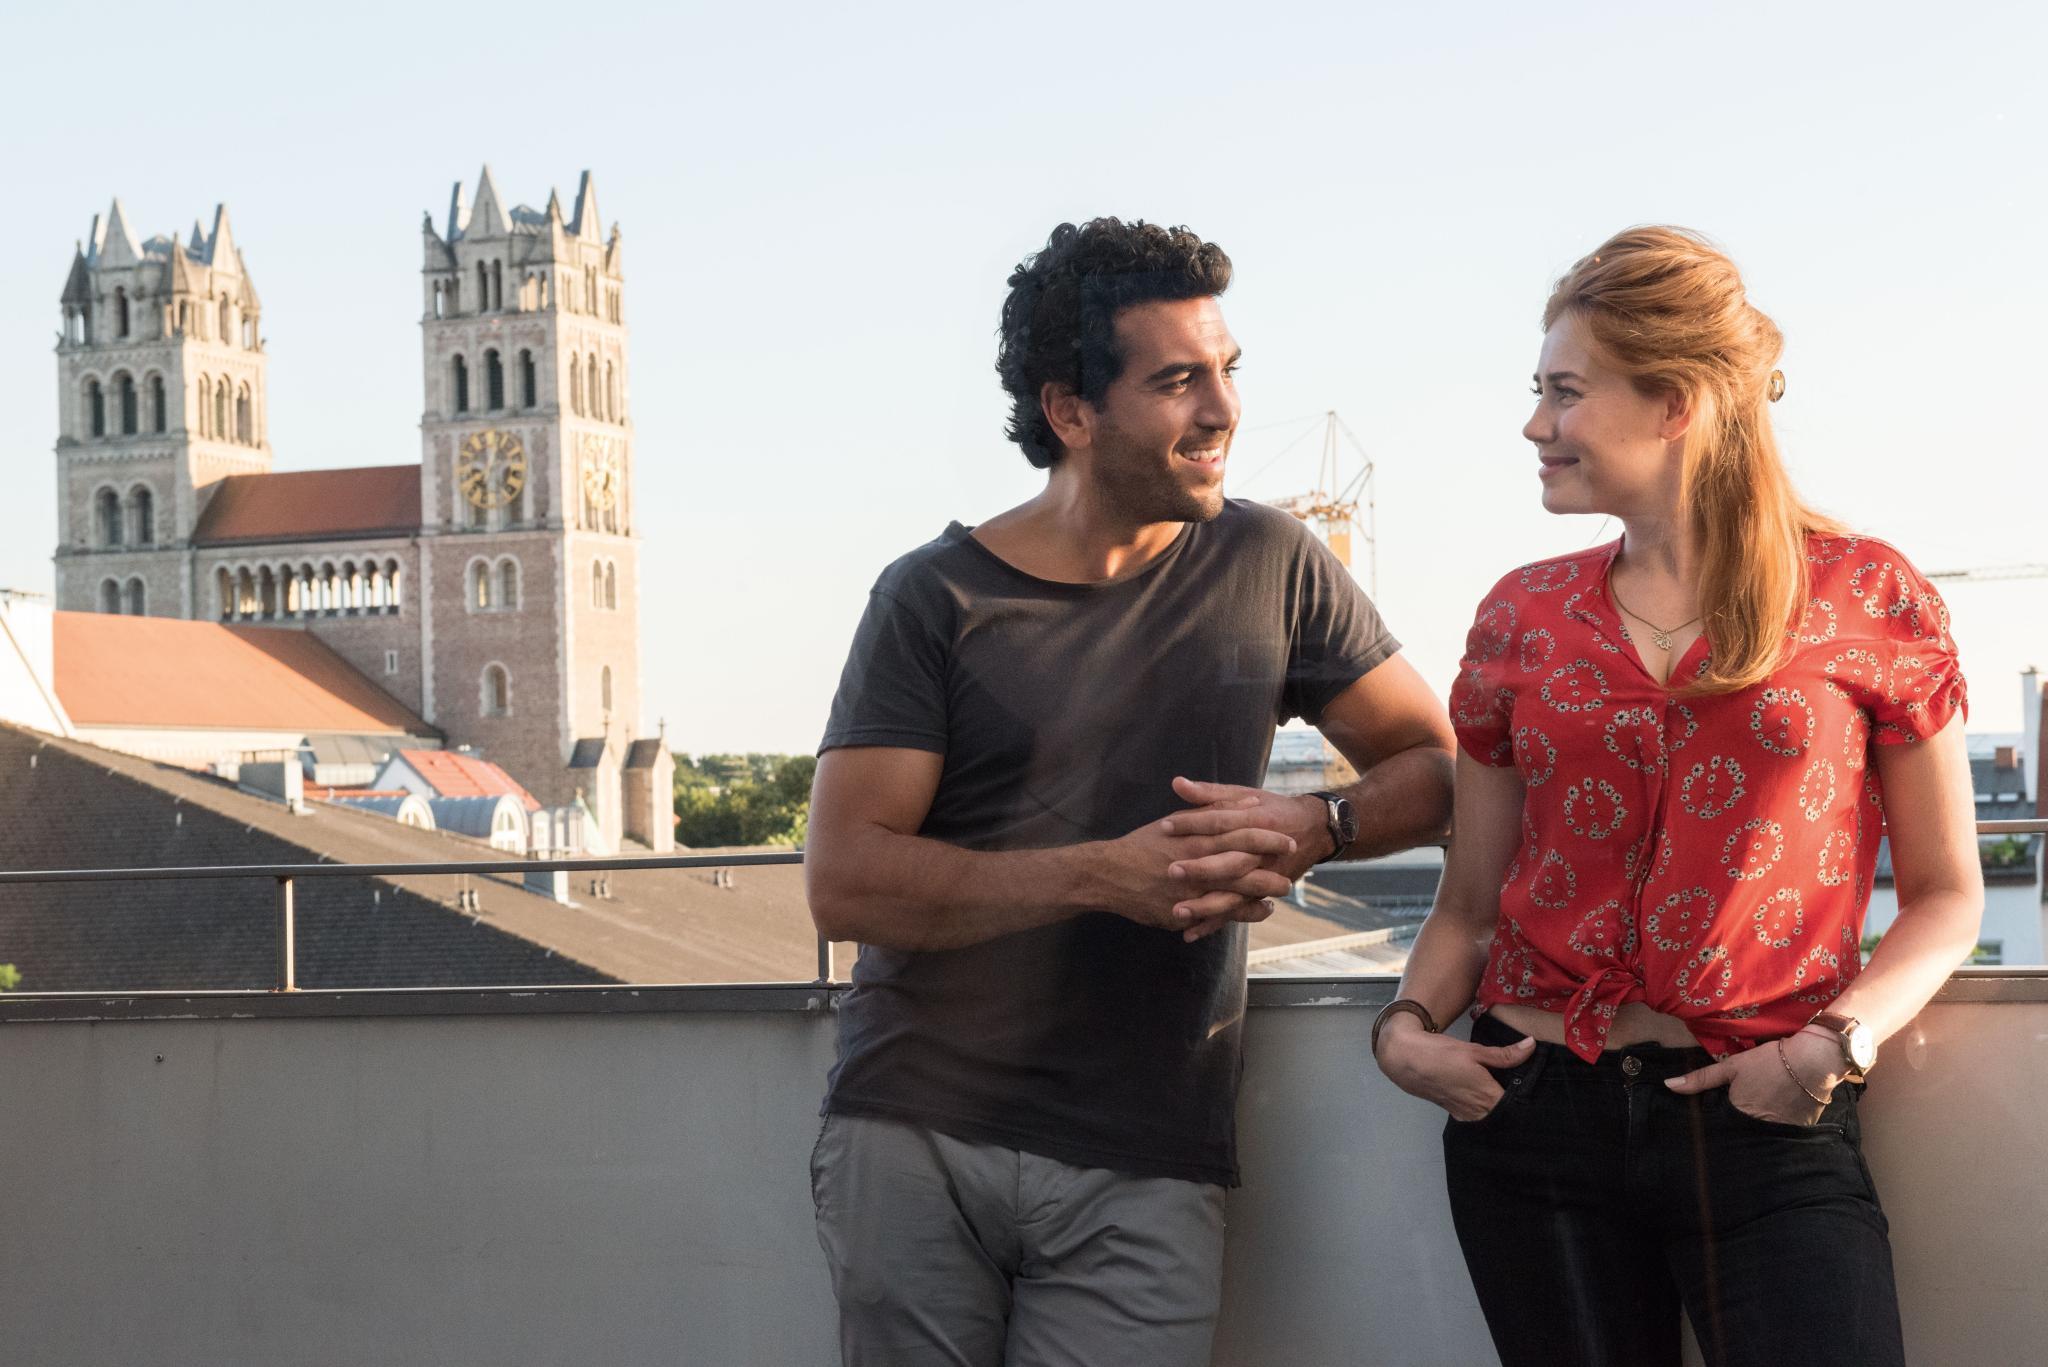 """Ein schönes Leinwand-Paar: In """"Willkommen bei den Hartmanns"""" verliebt sich Jungarzt Dr. Tarek Berger (Elyas M'Barek) in Sofie Hartmann (Palina Rojinski), die Tochter seines Chefs. Es wird wild geknutscht ..."""